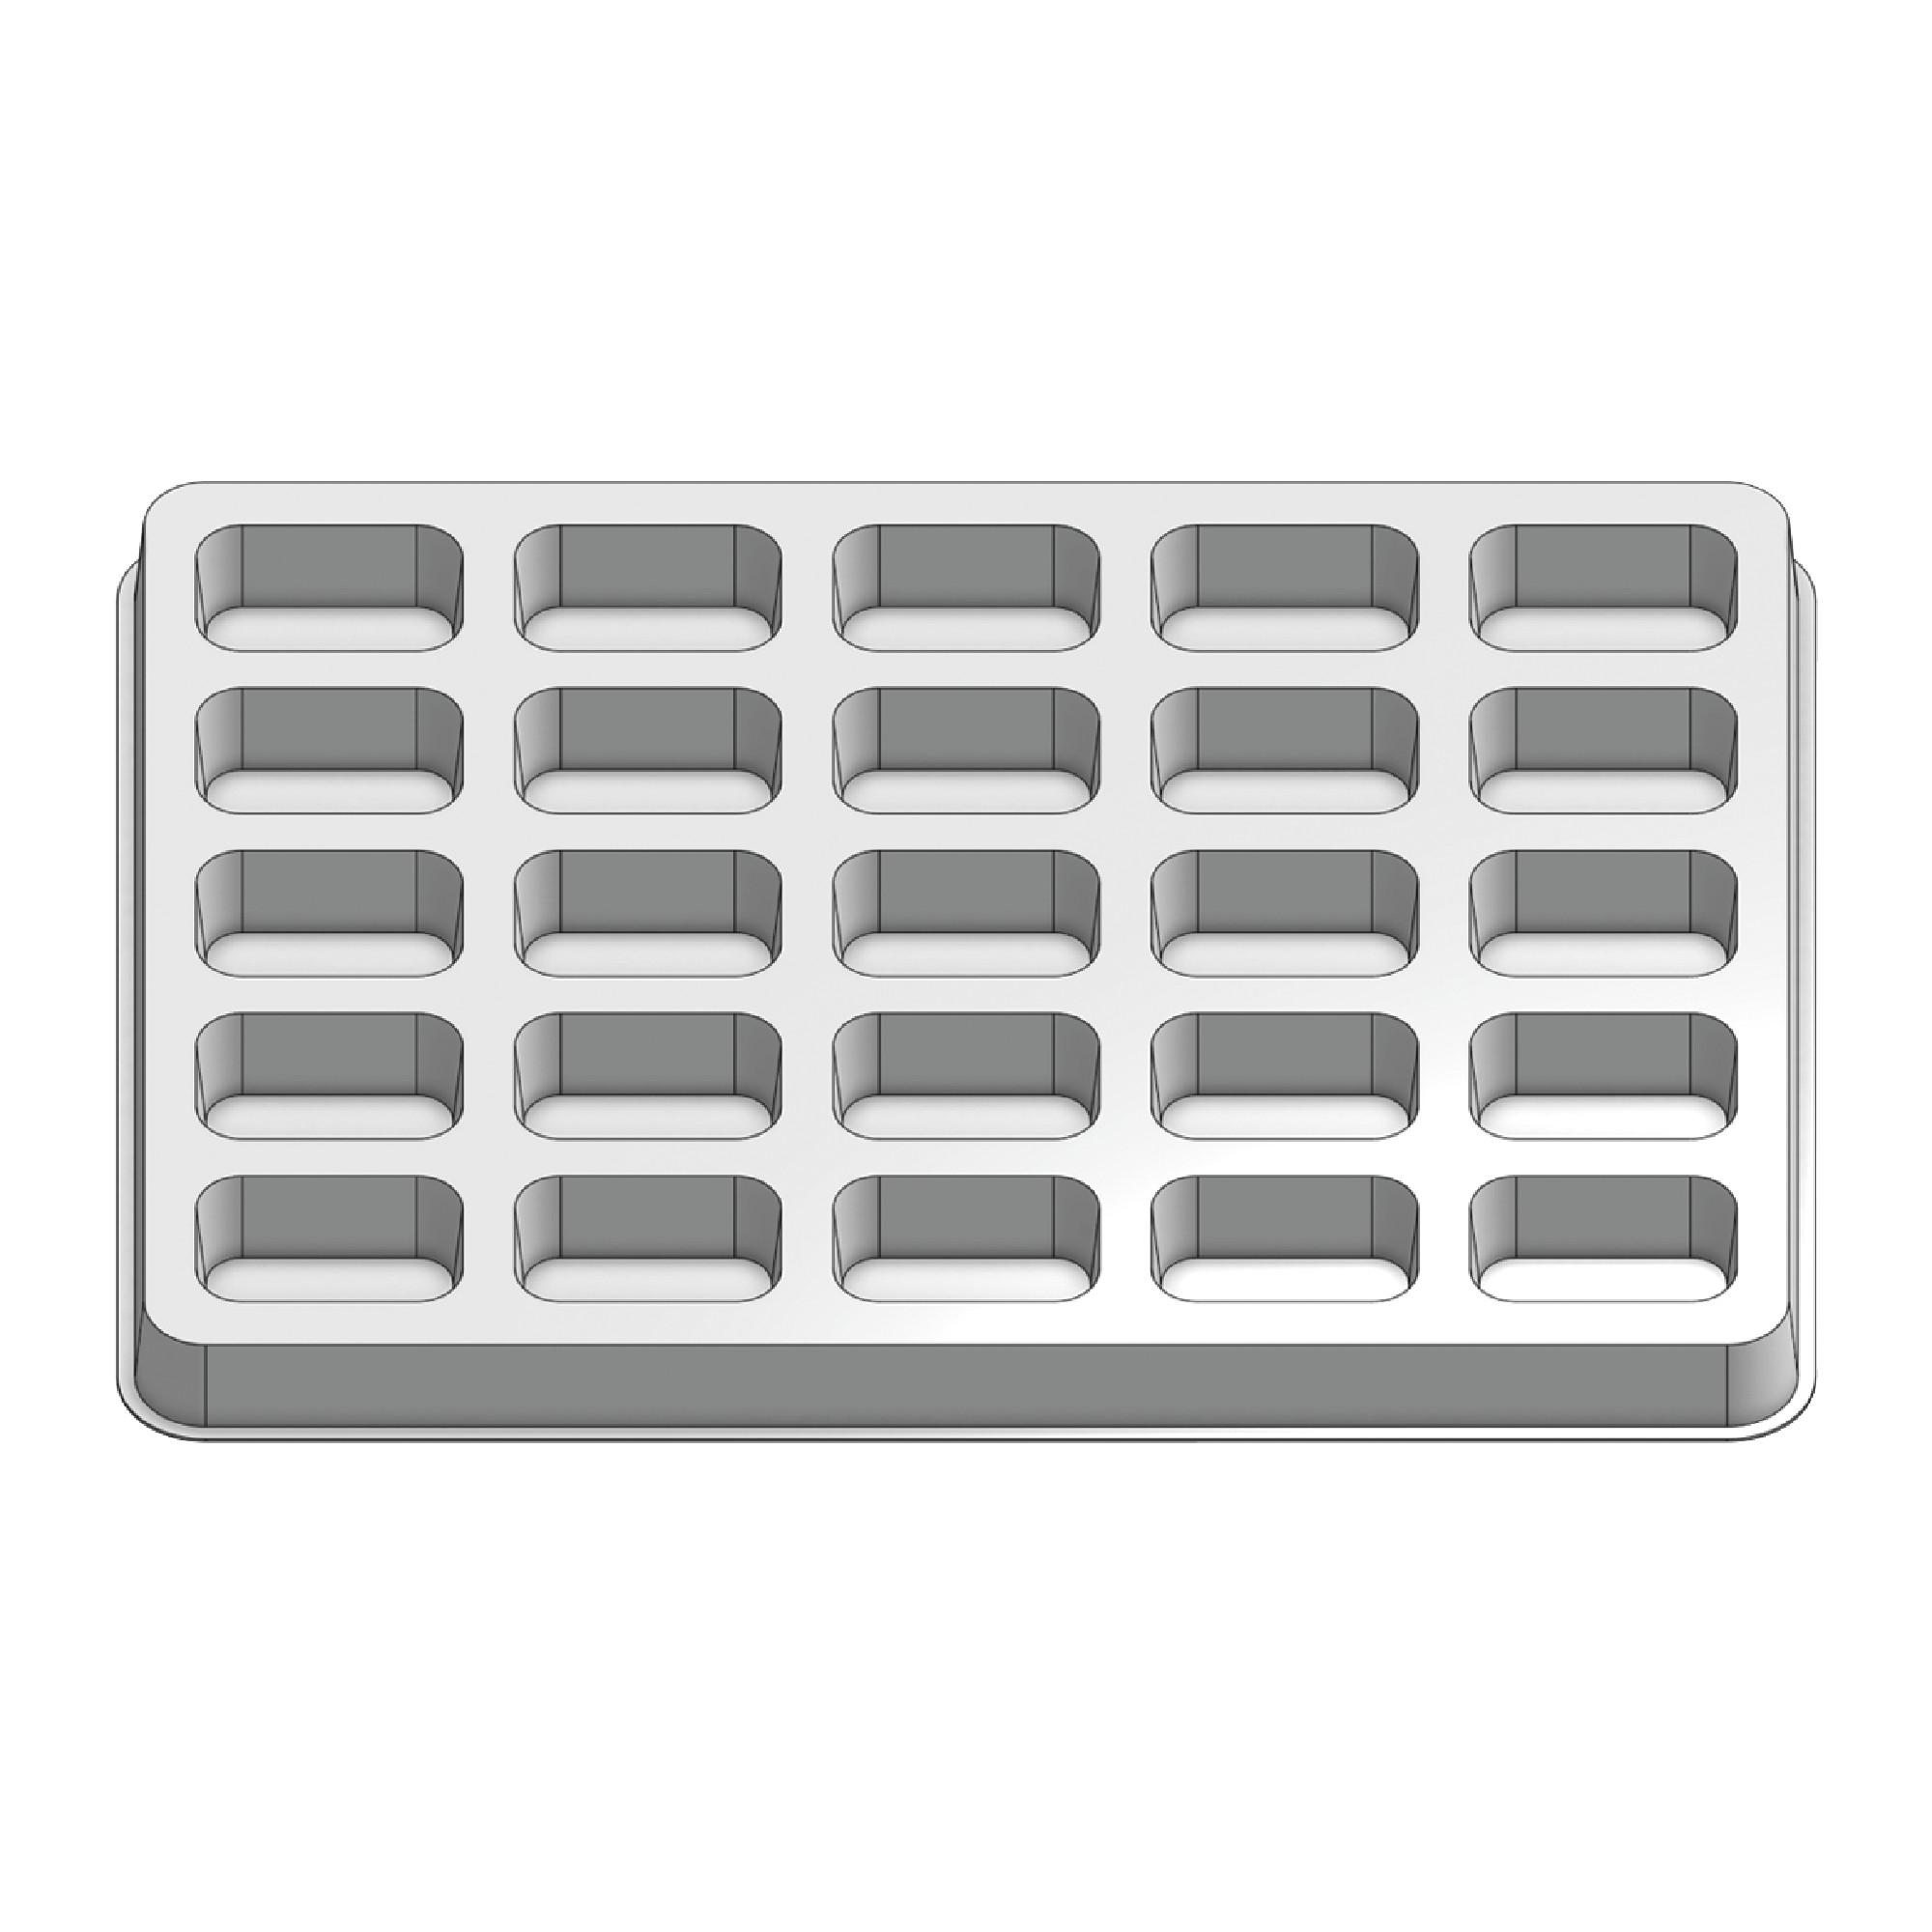 25 Pocket Stock Plastic Tray